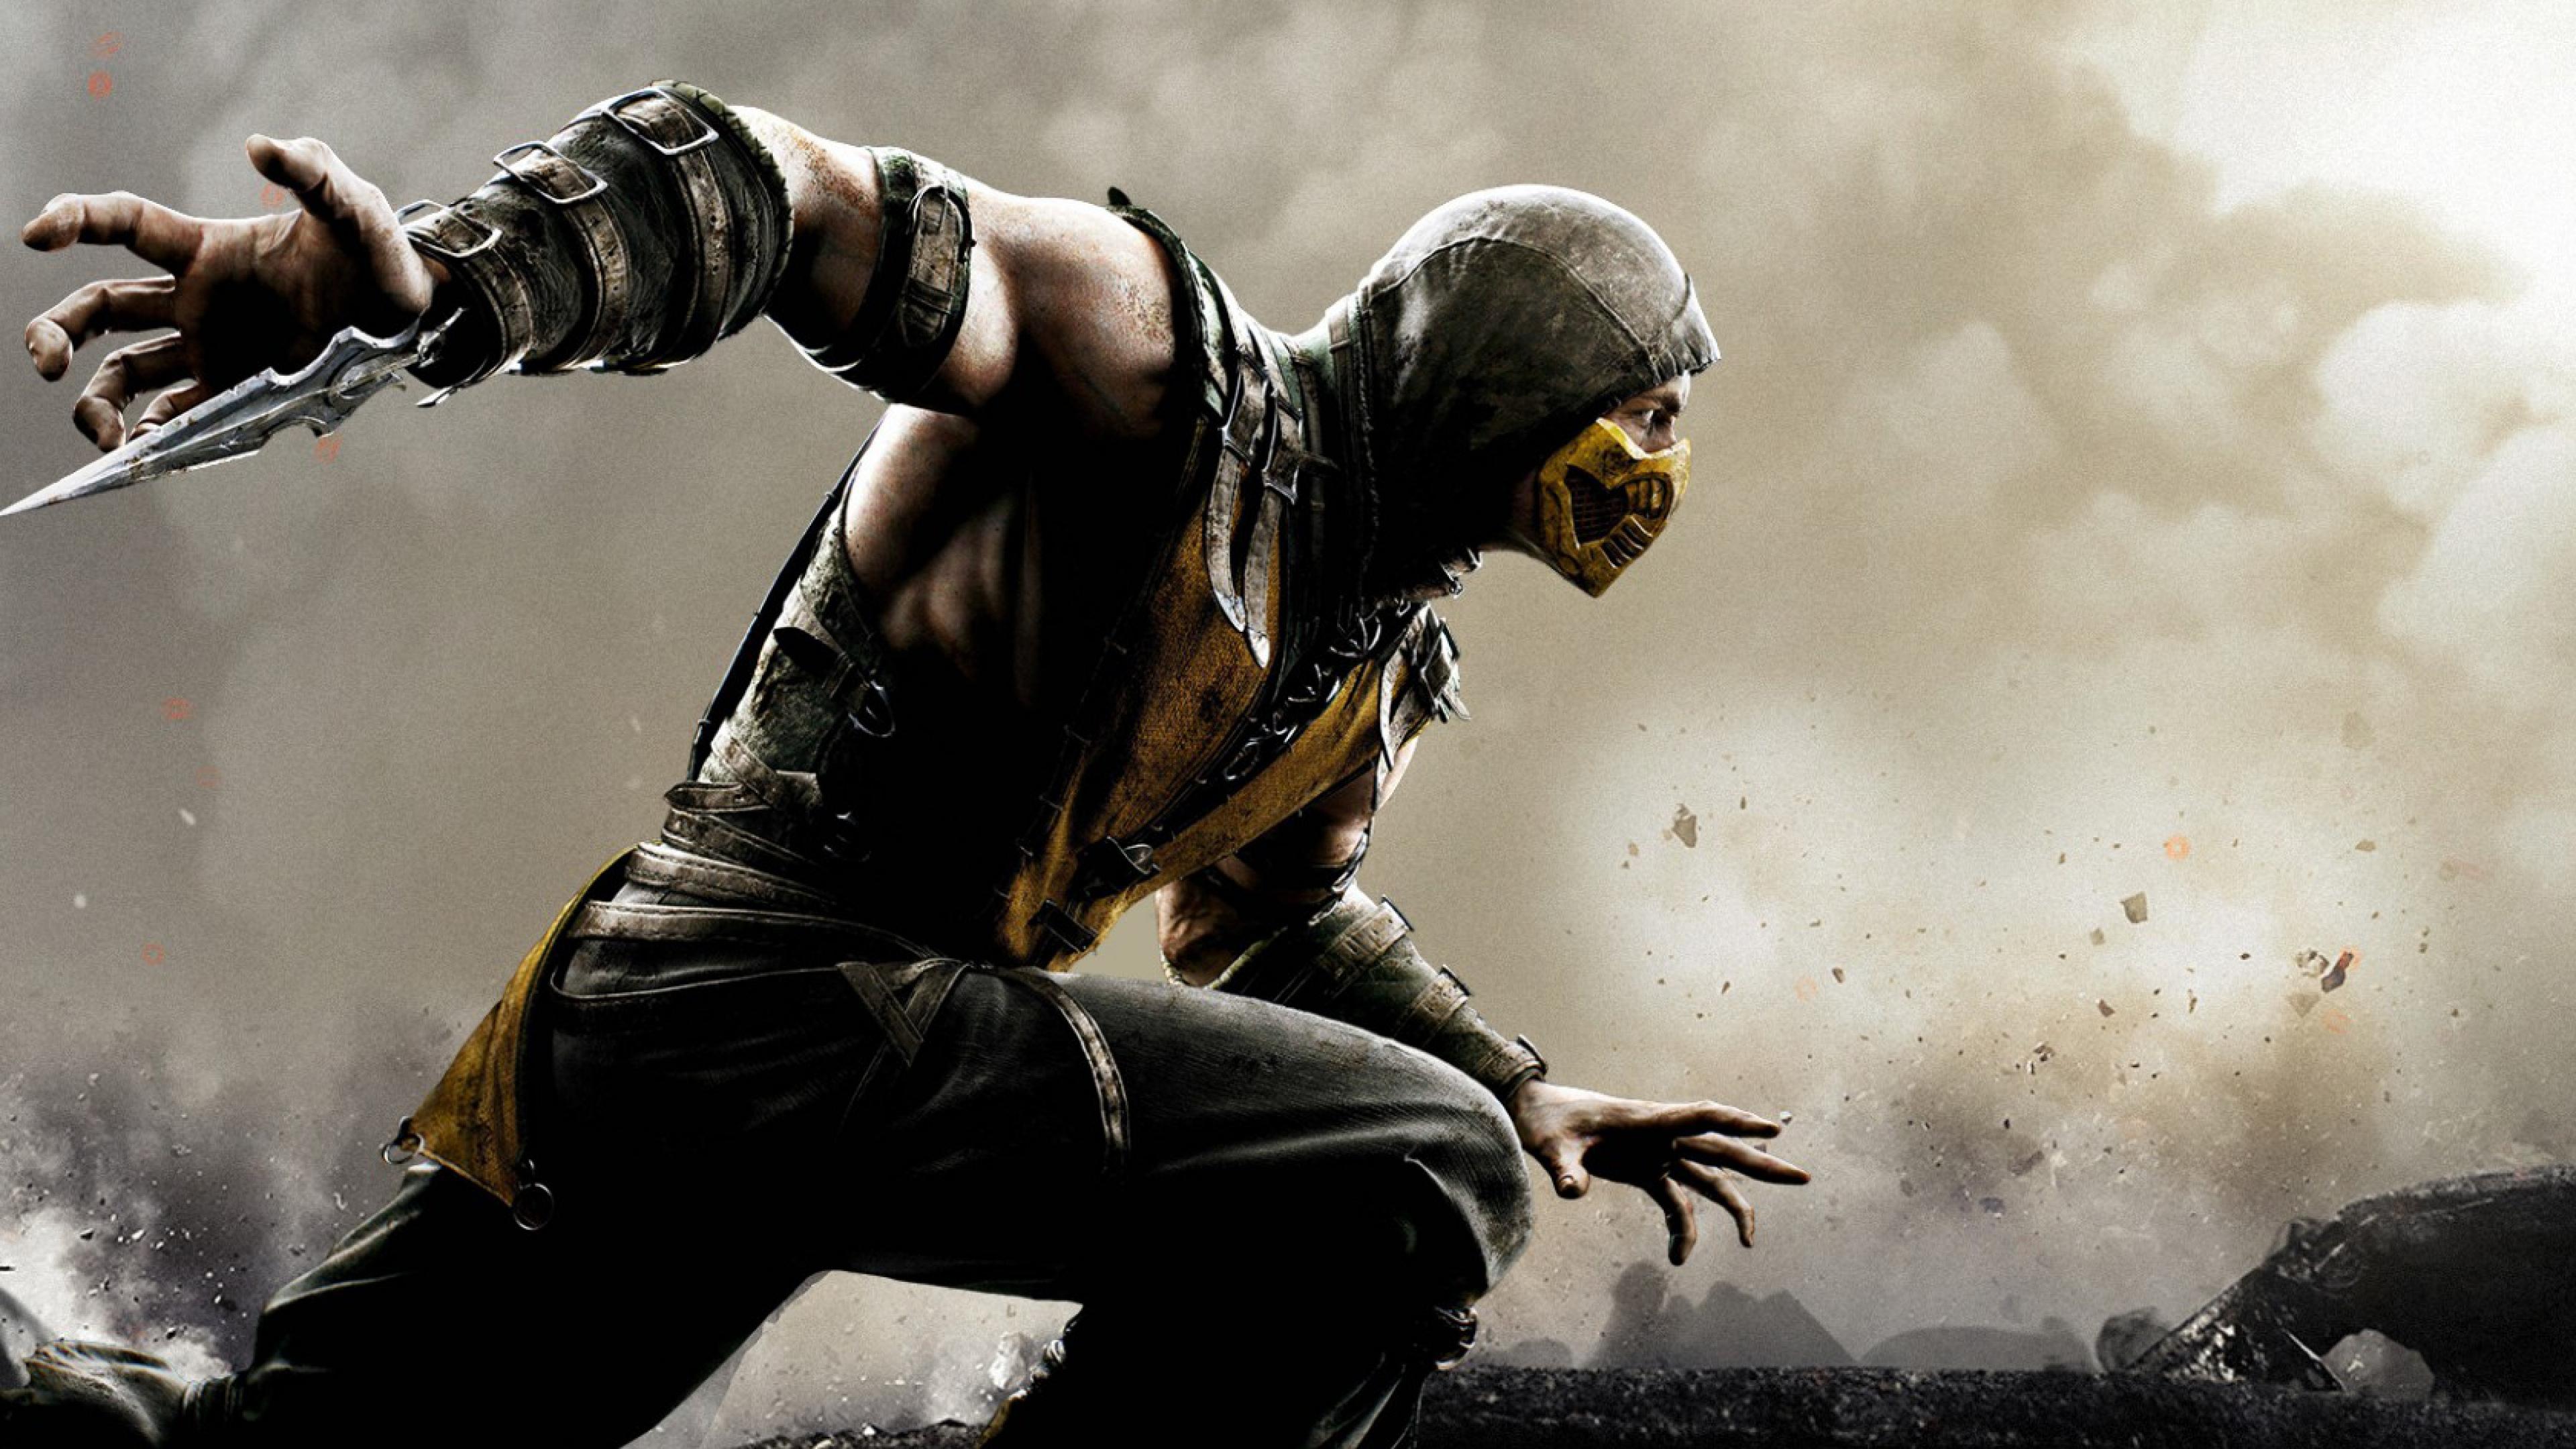 46 4k Mortal Kombat Wallpaper On Wallpapersafari